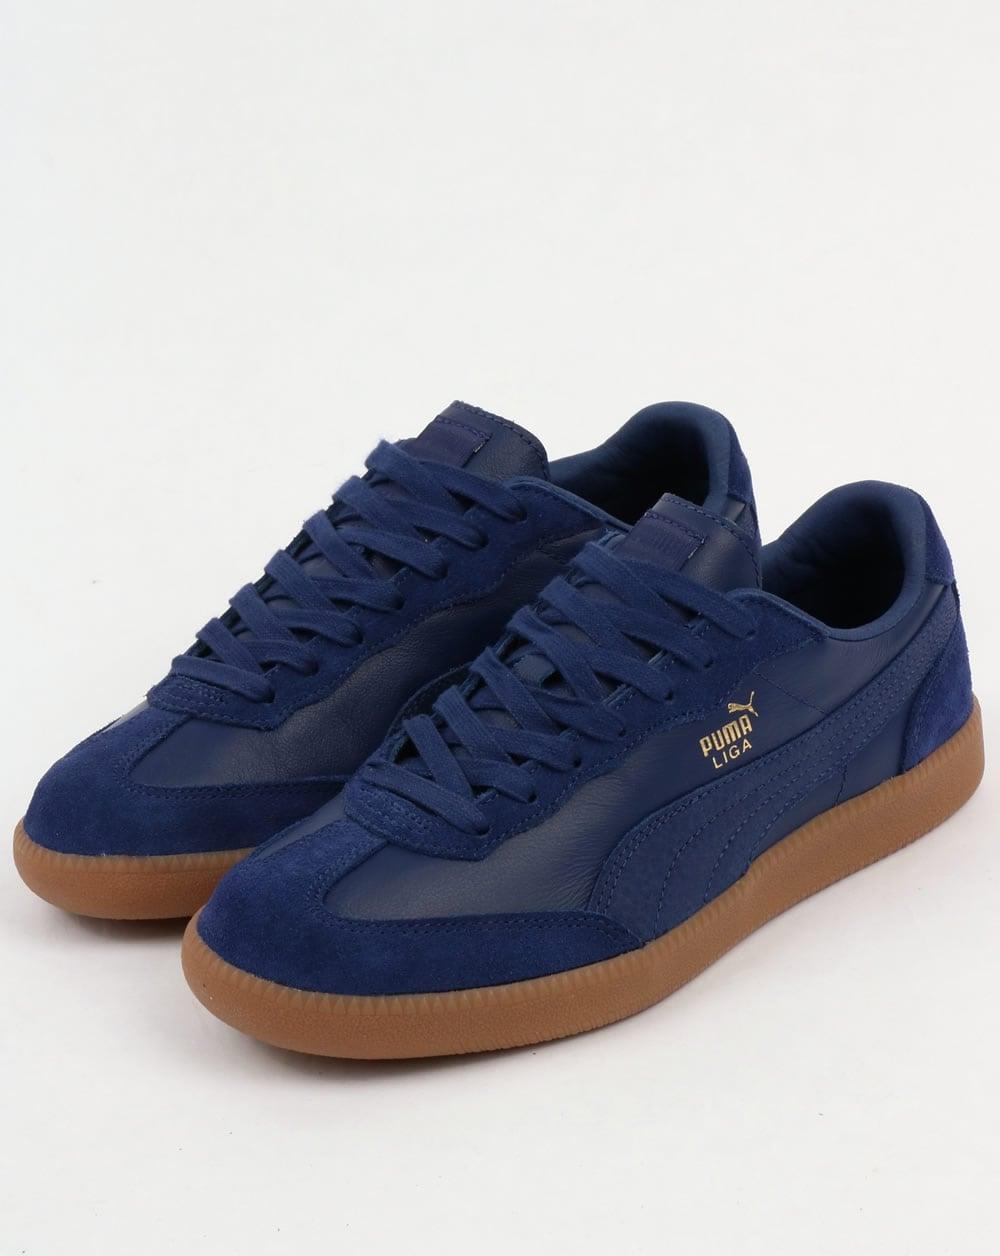 Puma Liga Leather Trainers Blue 193750124